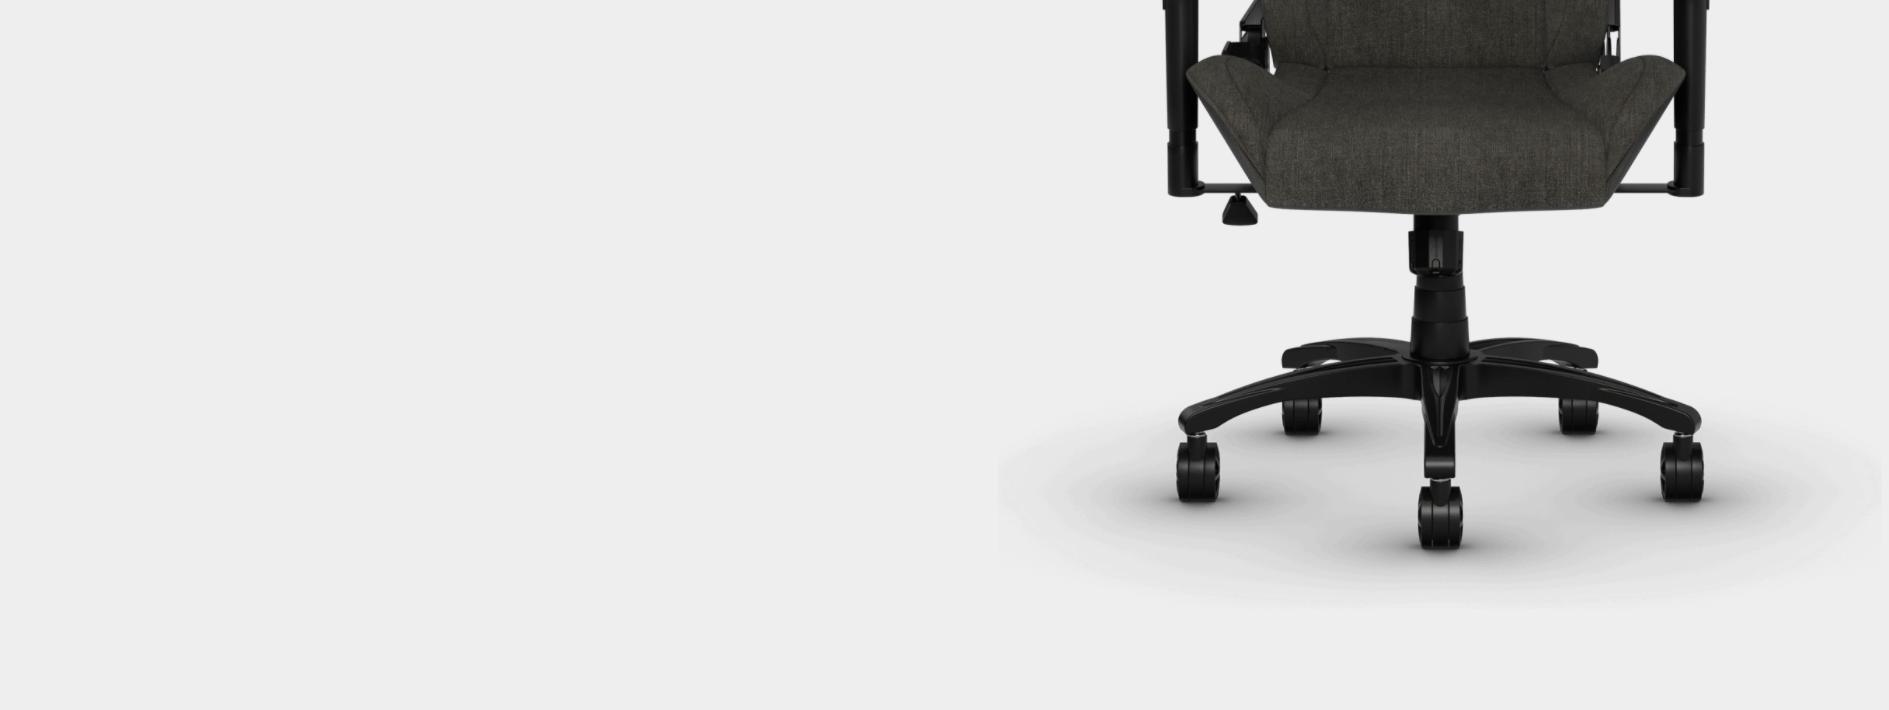 Ghế Game Corsair T3 RUSH Charcoal có thể di chuyển ở nhiều địa hình